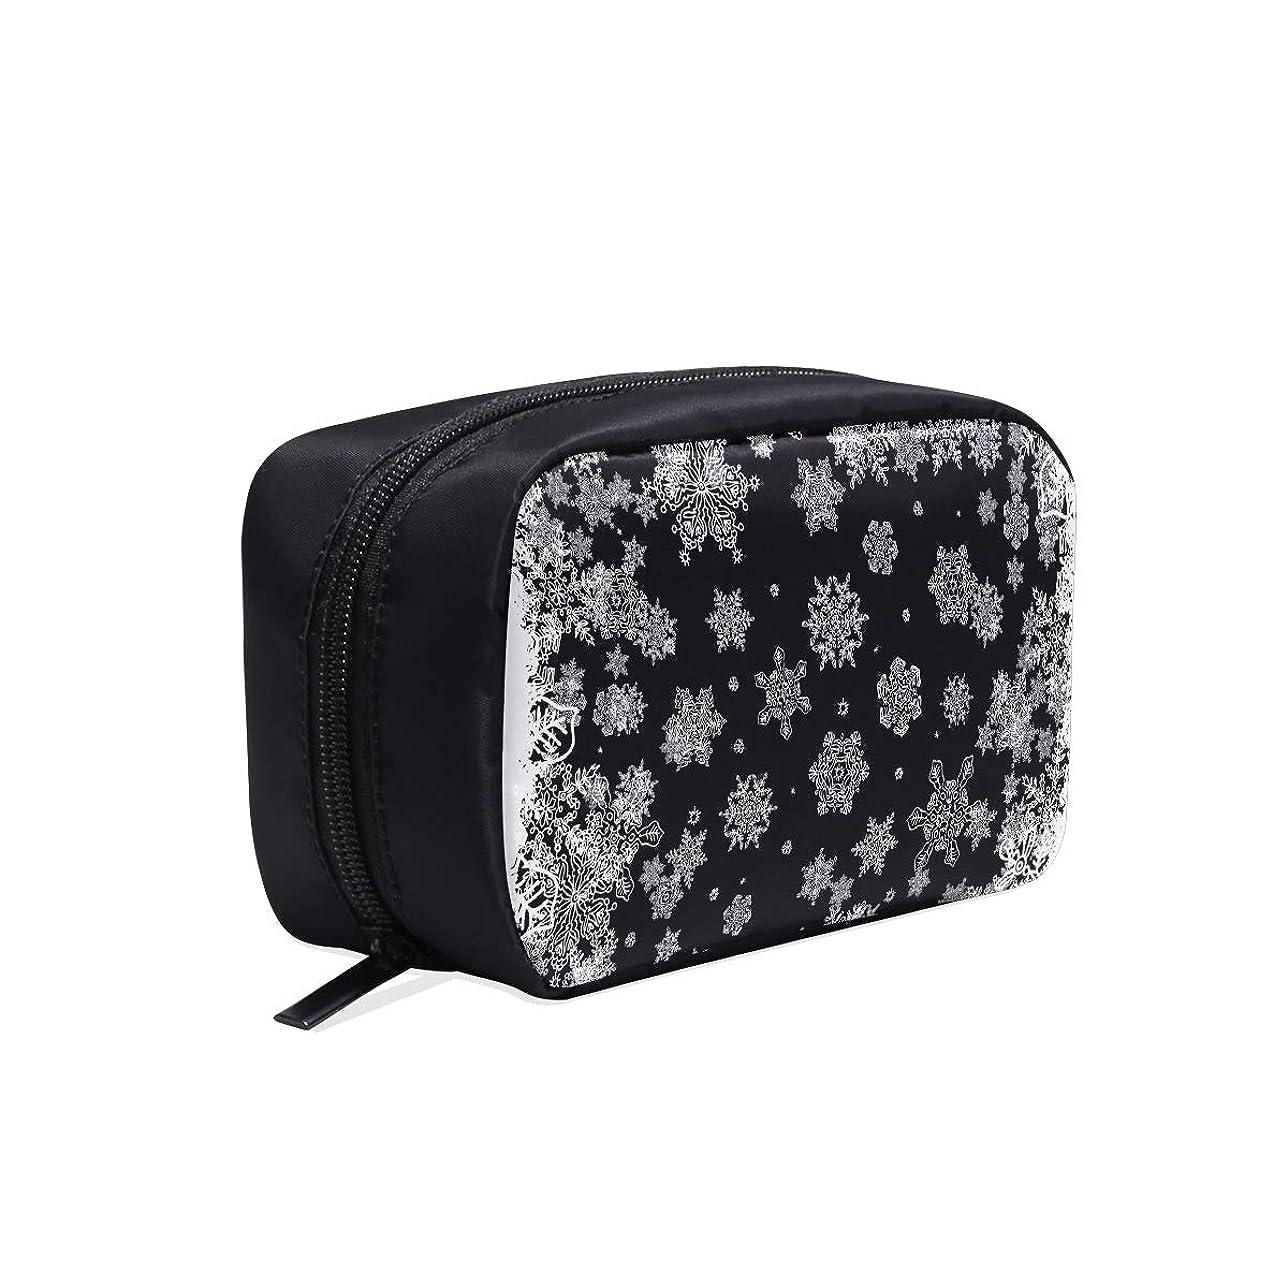 破壊的カウントアップサイトGGSXD メイクポーチ 雪の花 ボックス コスメ収納 化粧品収納ケース 大容量 収納 化粧品入れ 化粧バッグ 旅行用 メイクブラシバッグ 化粧箱 持ち運び便利 プロ用